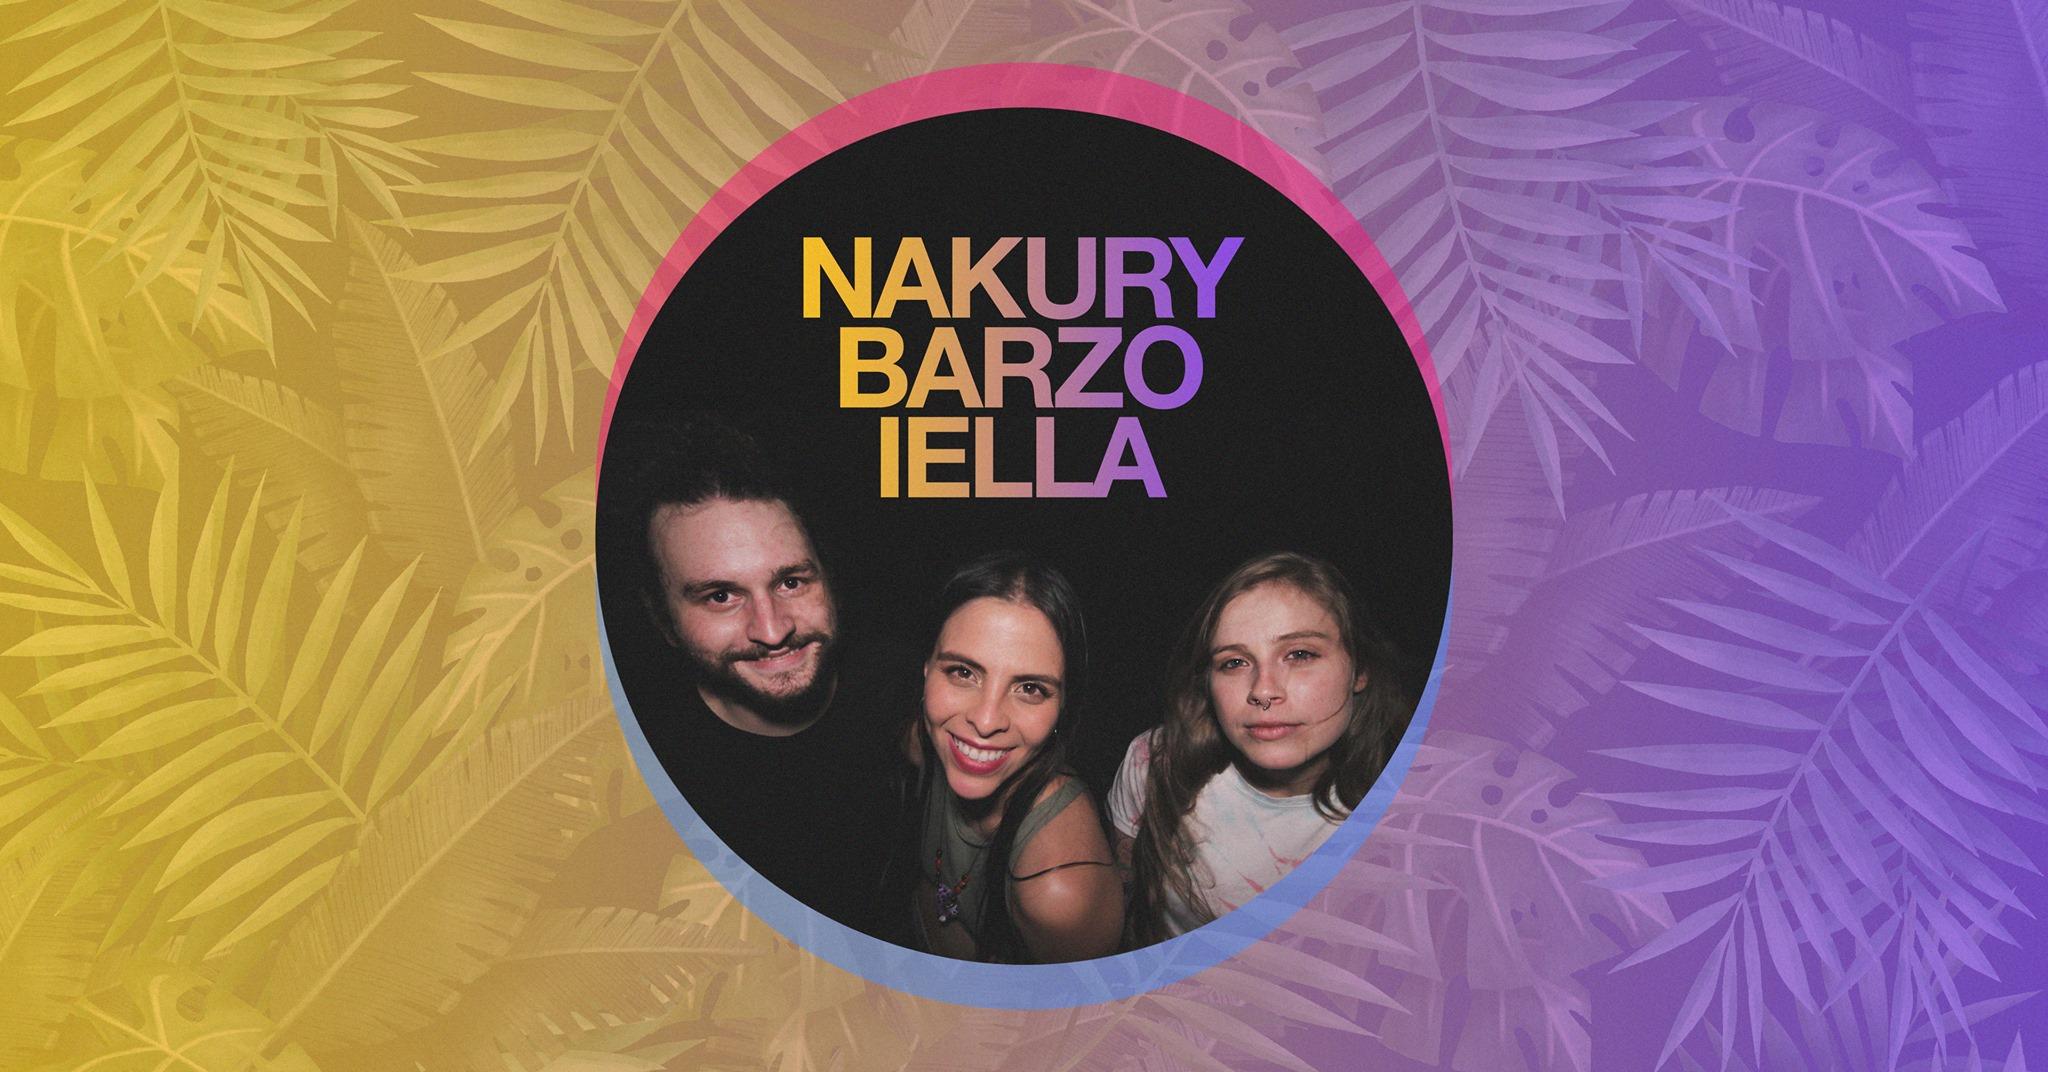 Nakury & Barzo + iella en Utopía